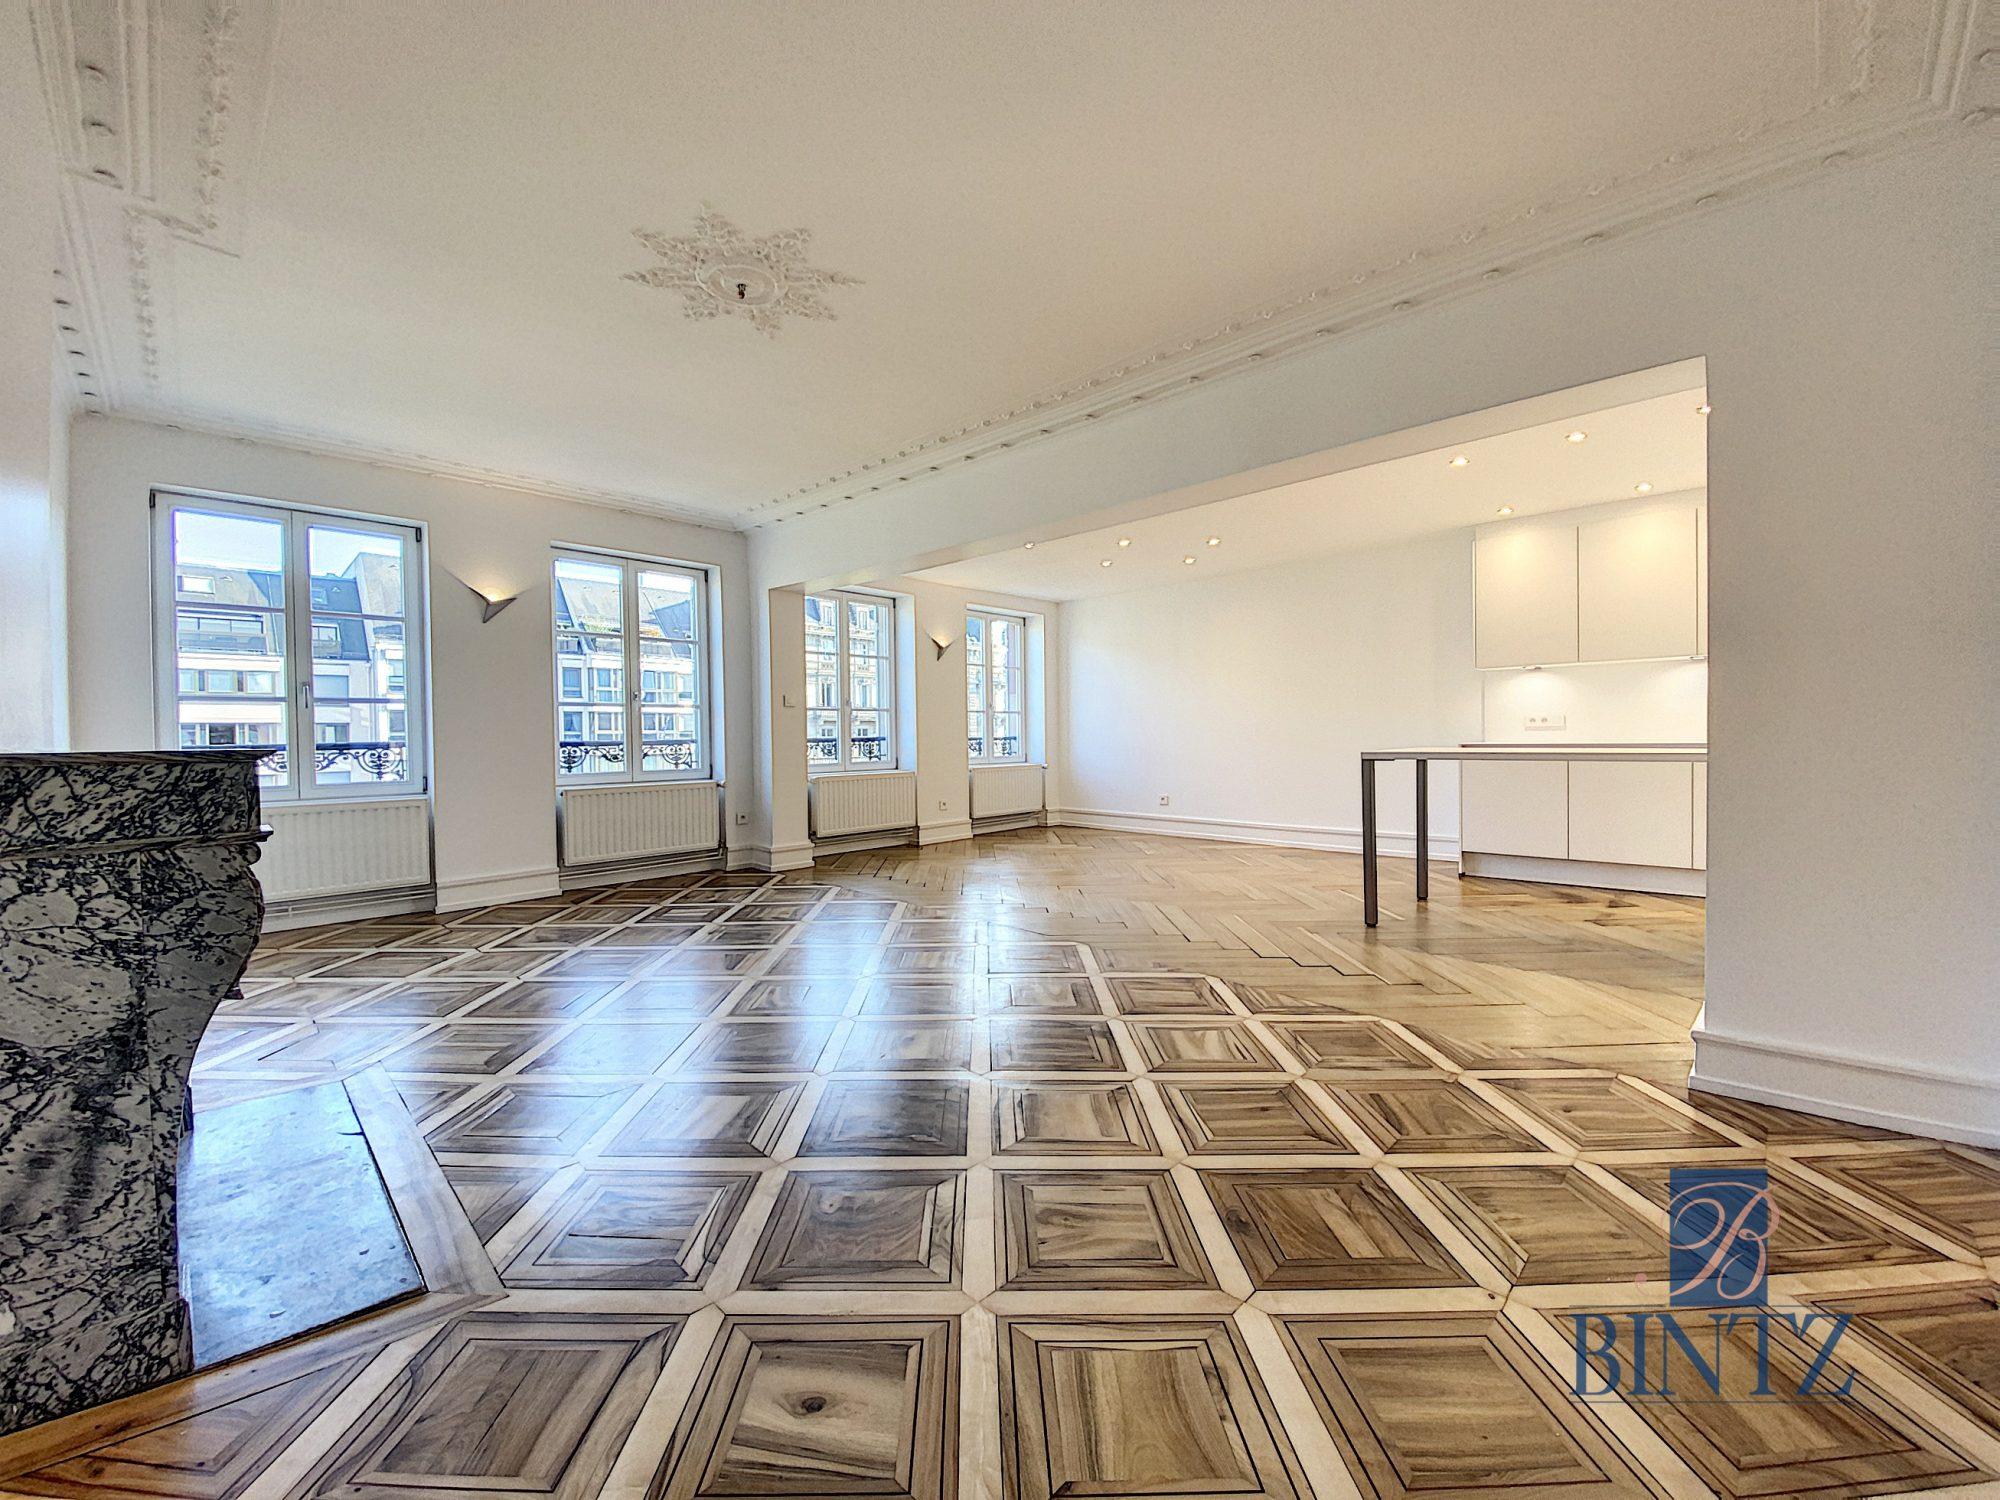 5 pièces d'exception face à la mairie - Devenez locataire en toute sérénité - Bintz Immobilier - 13